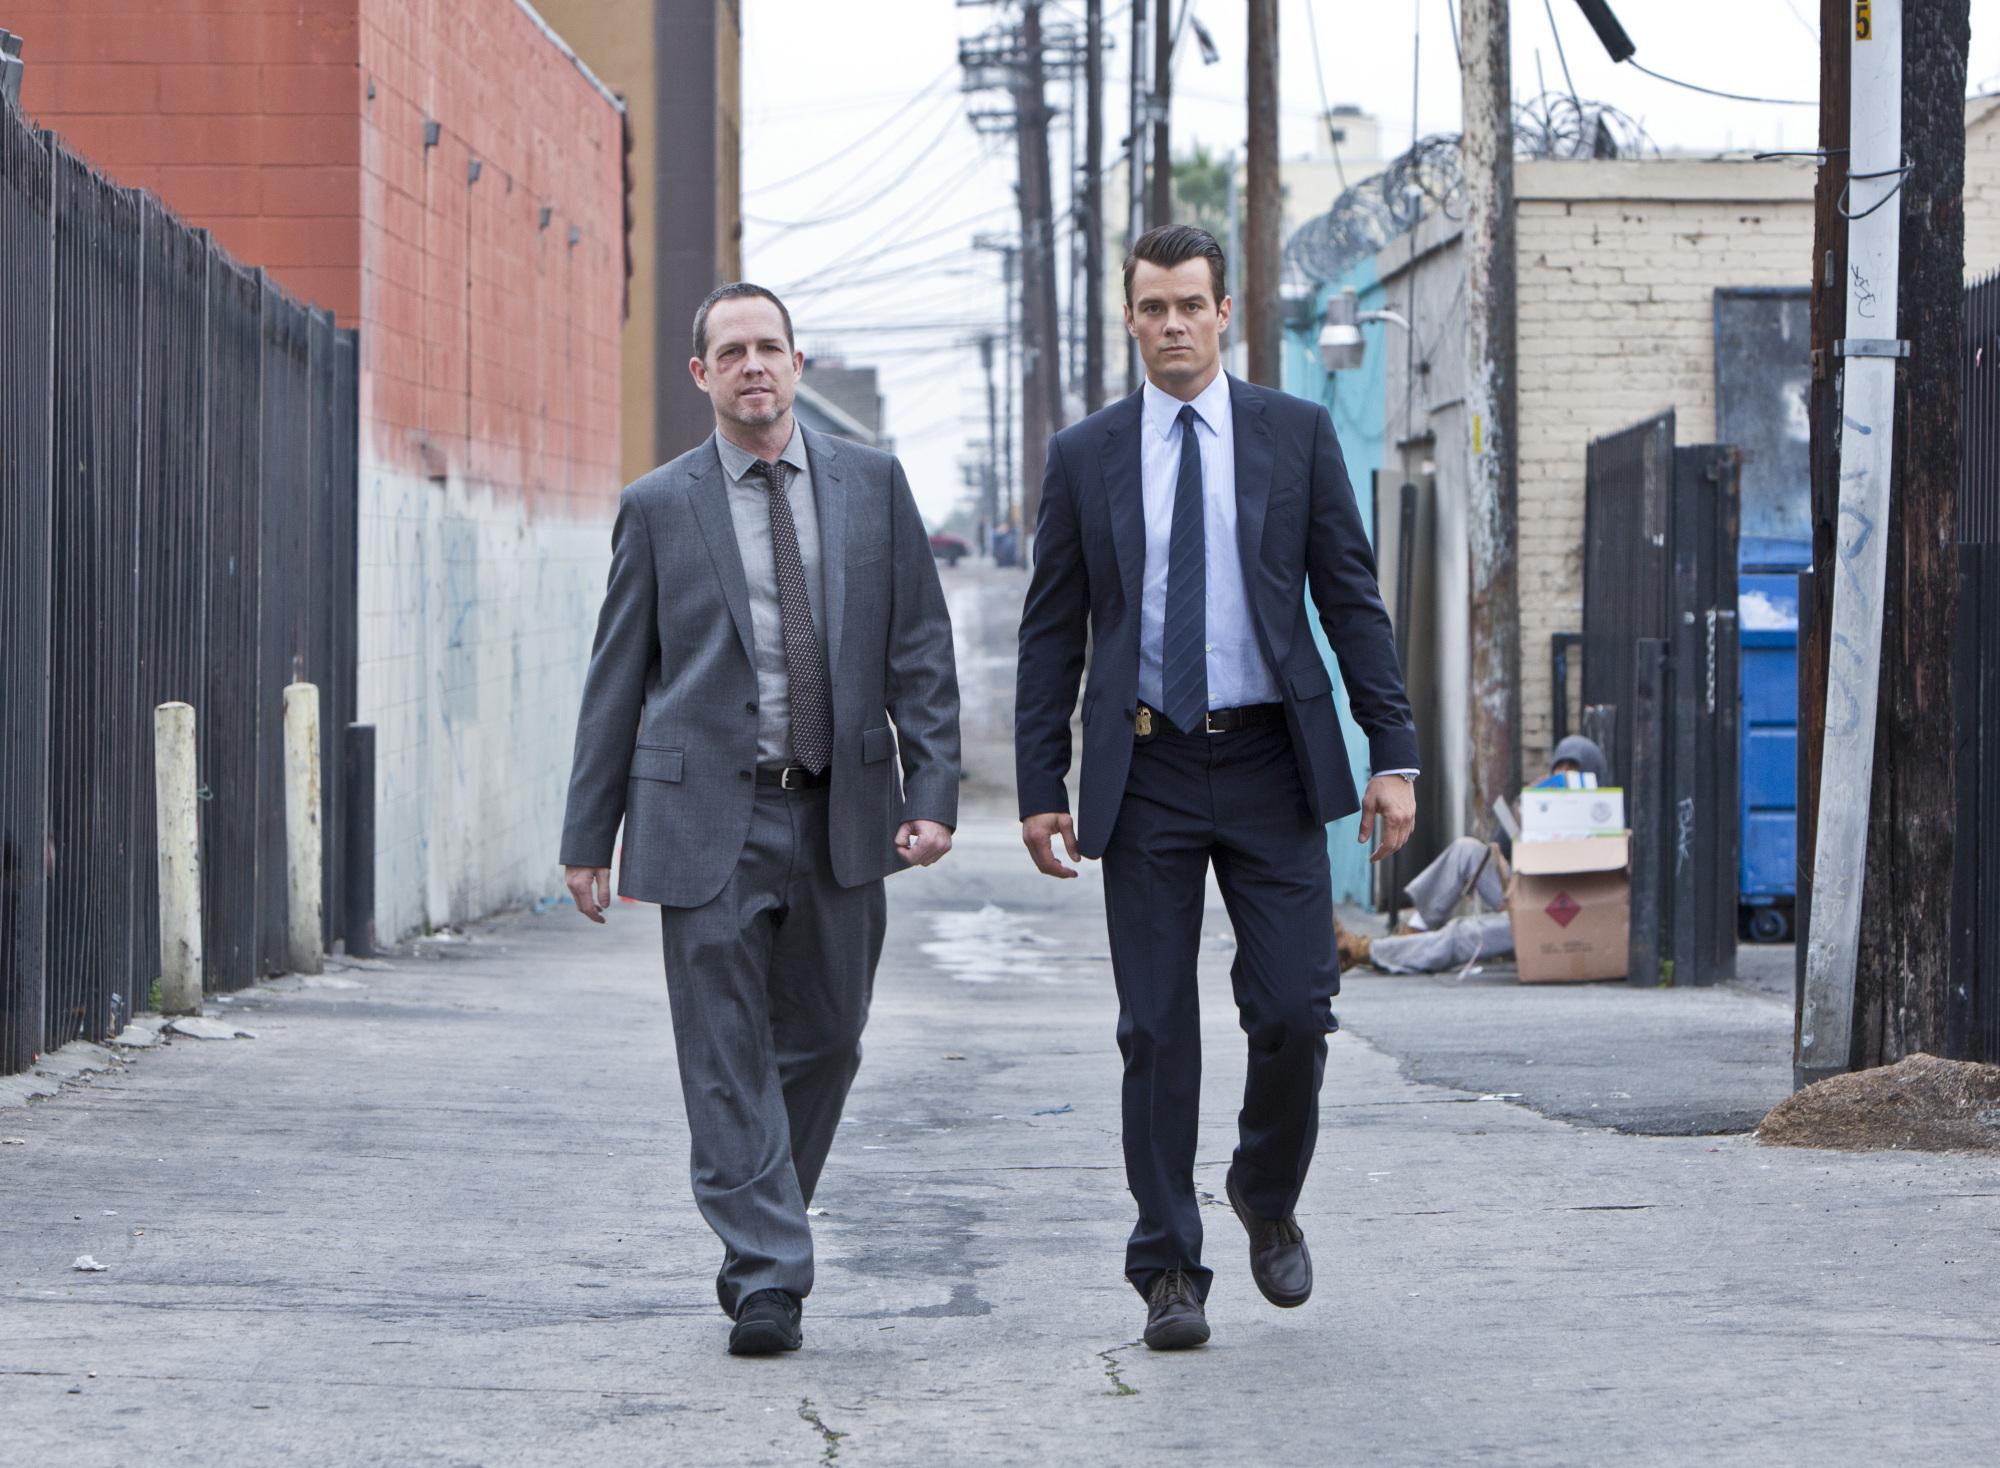 Battle Creek starring Josh Duhamel and Dean Winters based in Battle Creek, Michigan.